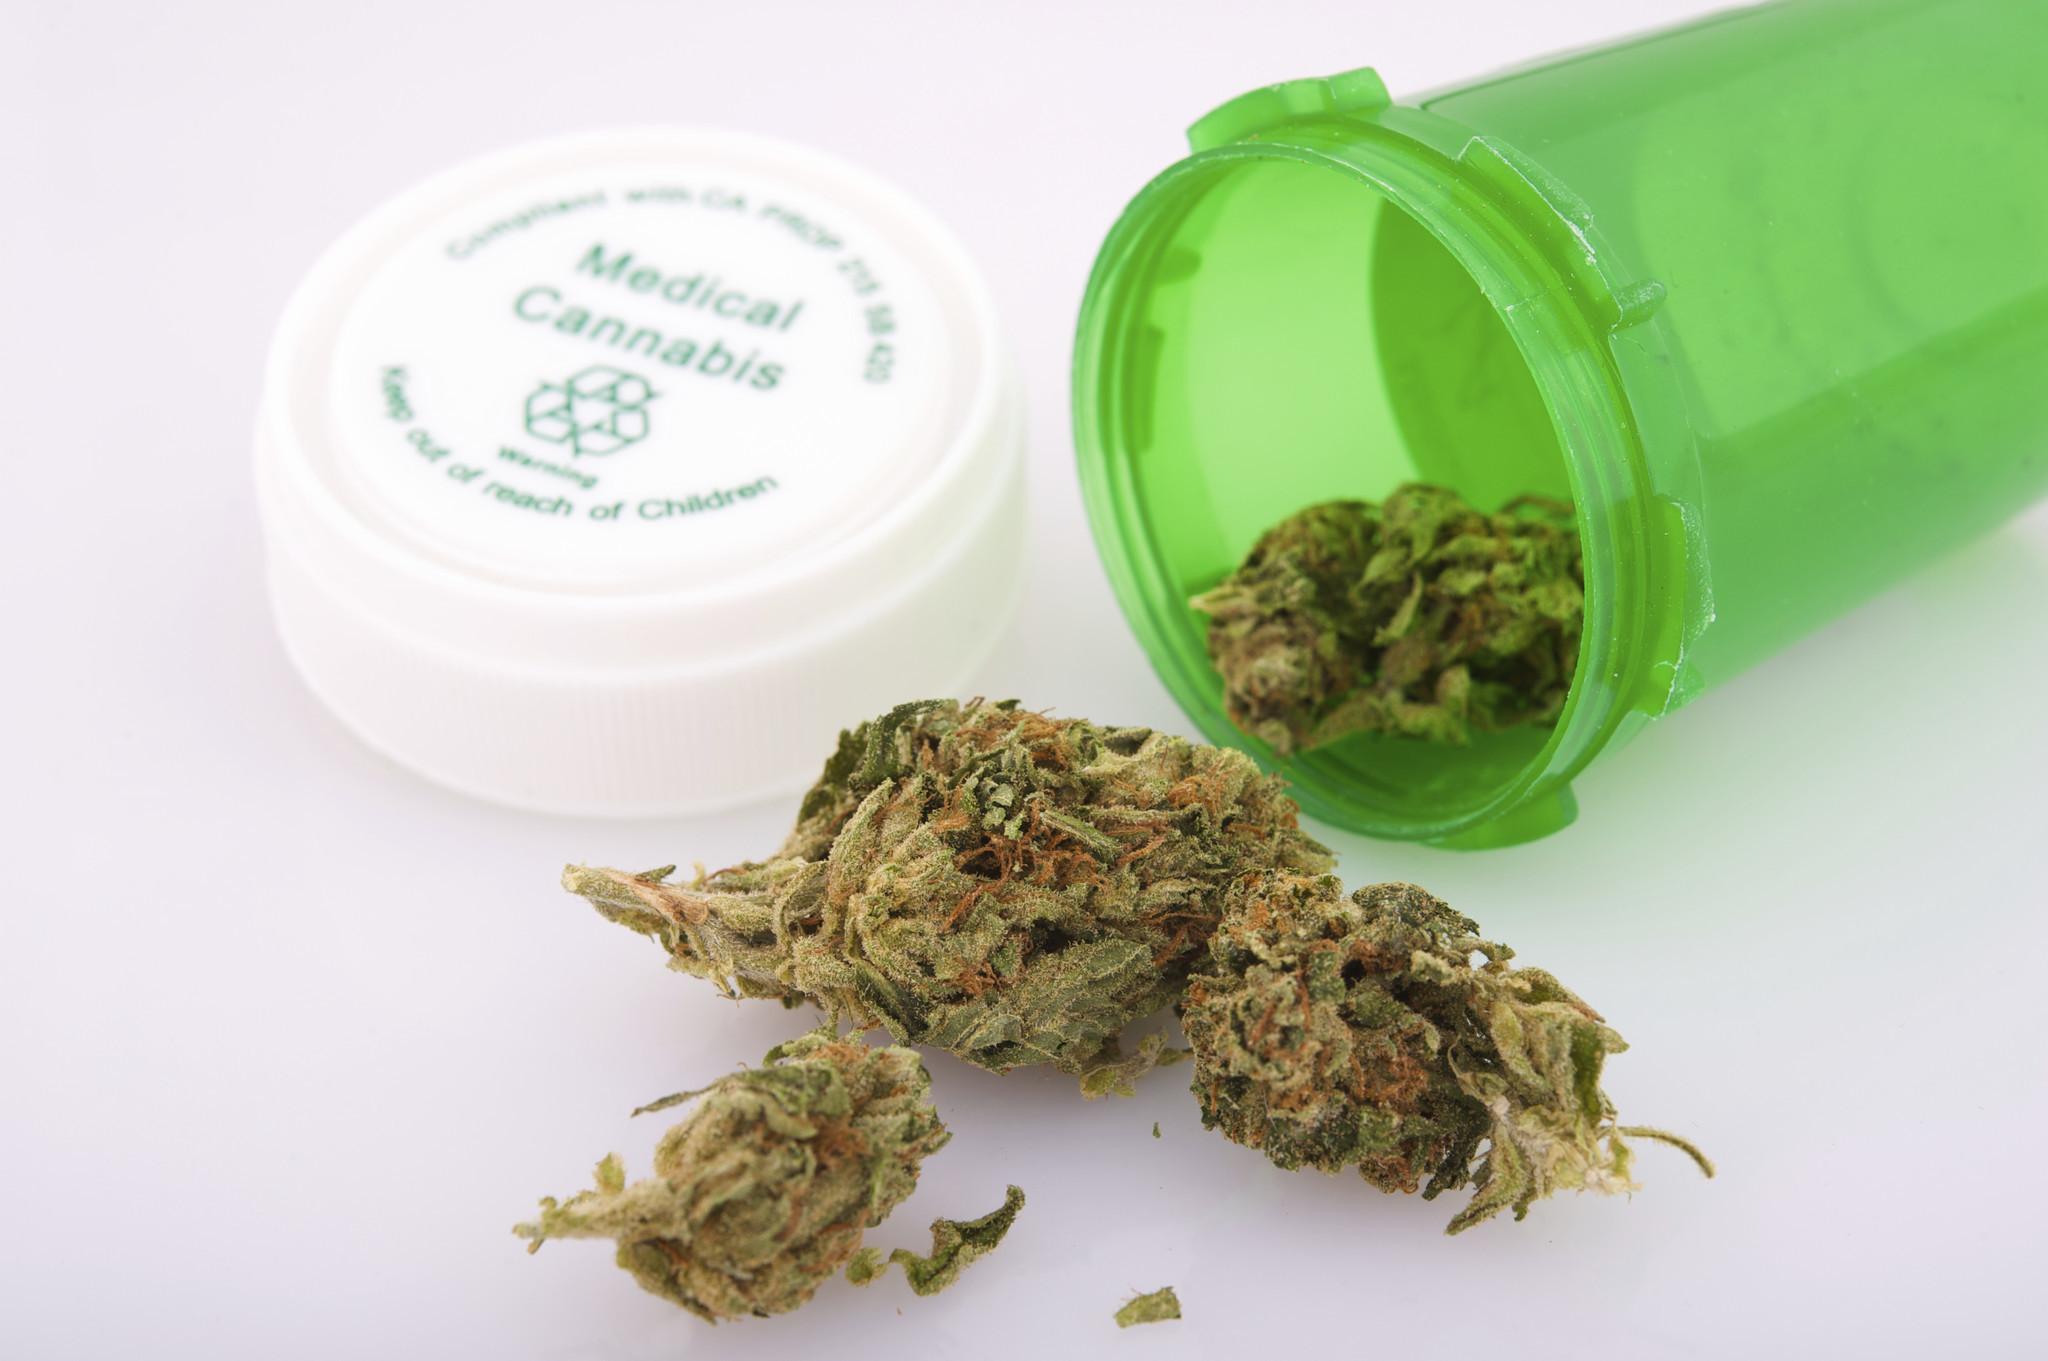 term paperwork about medical marijuana